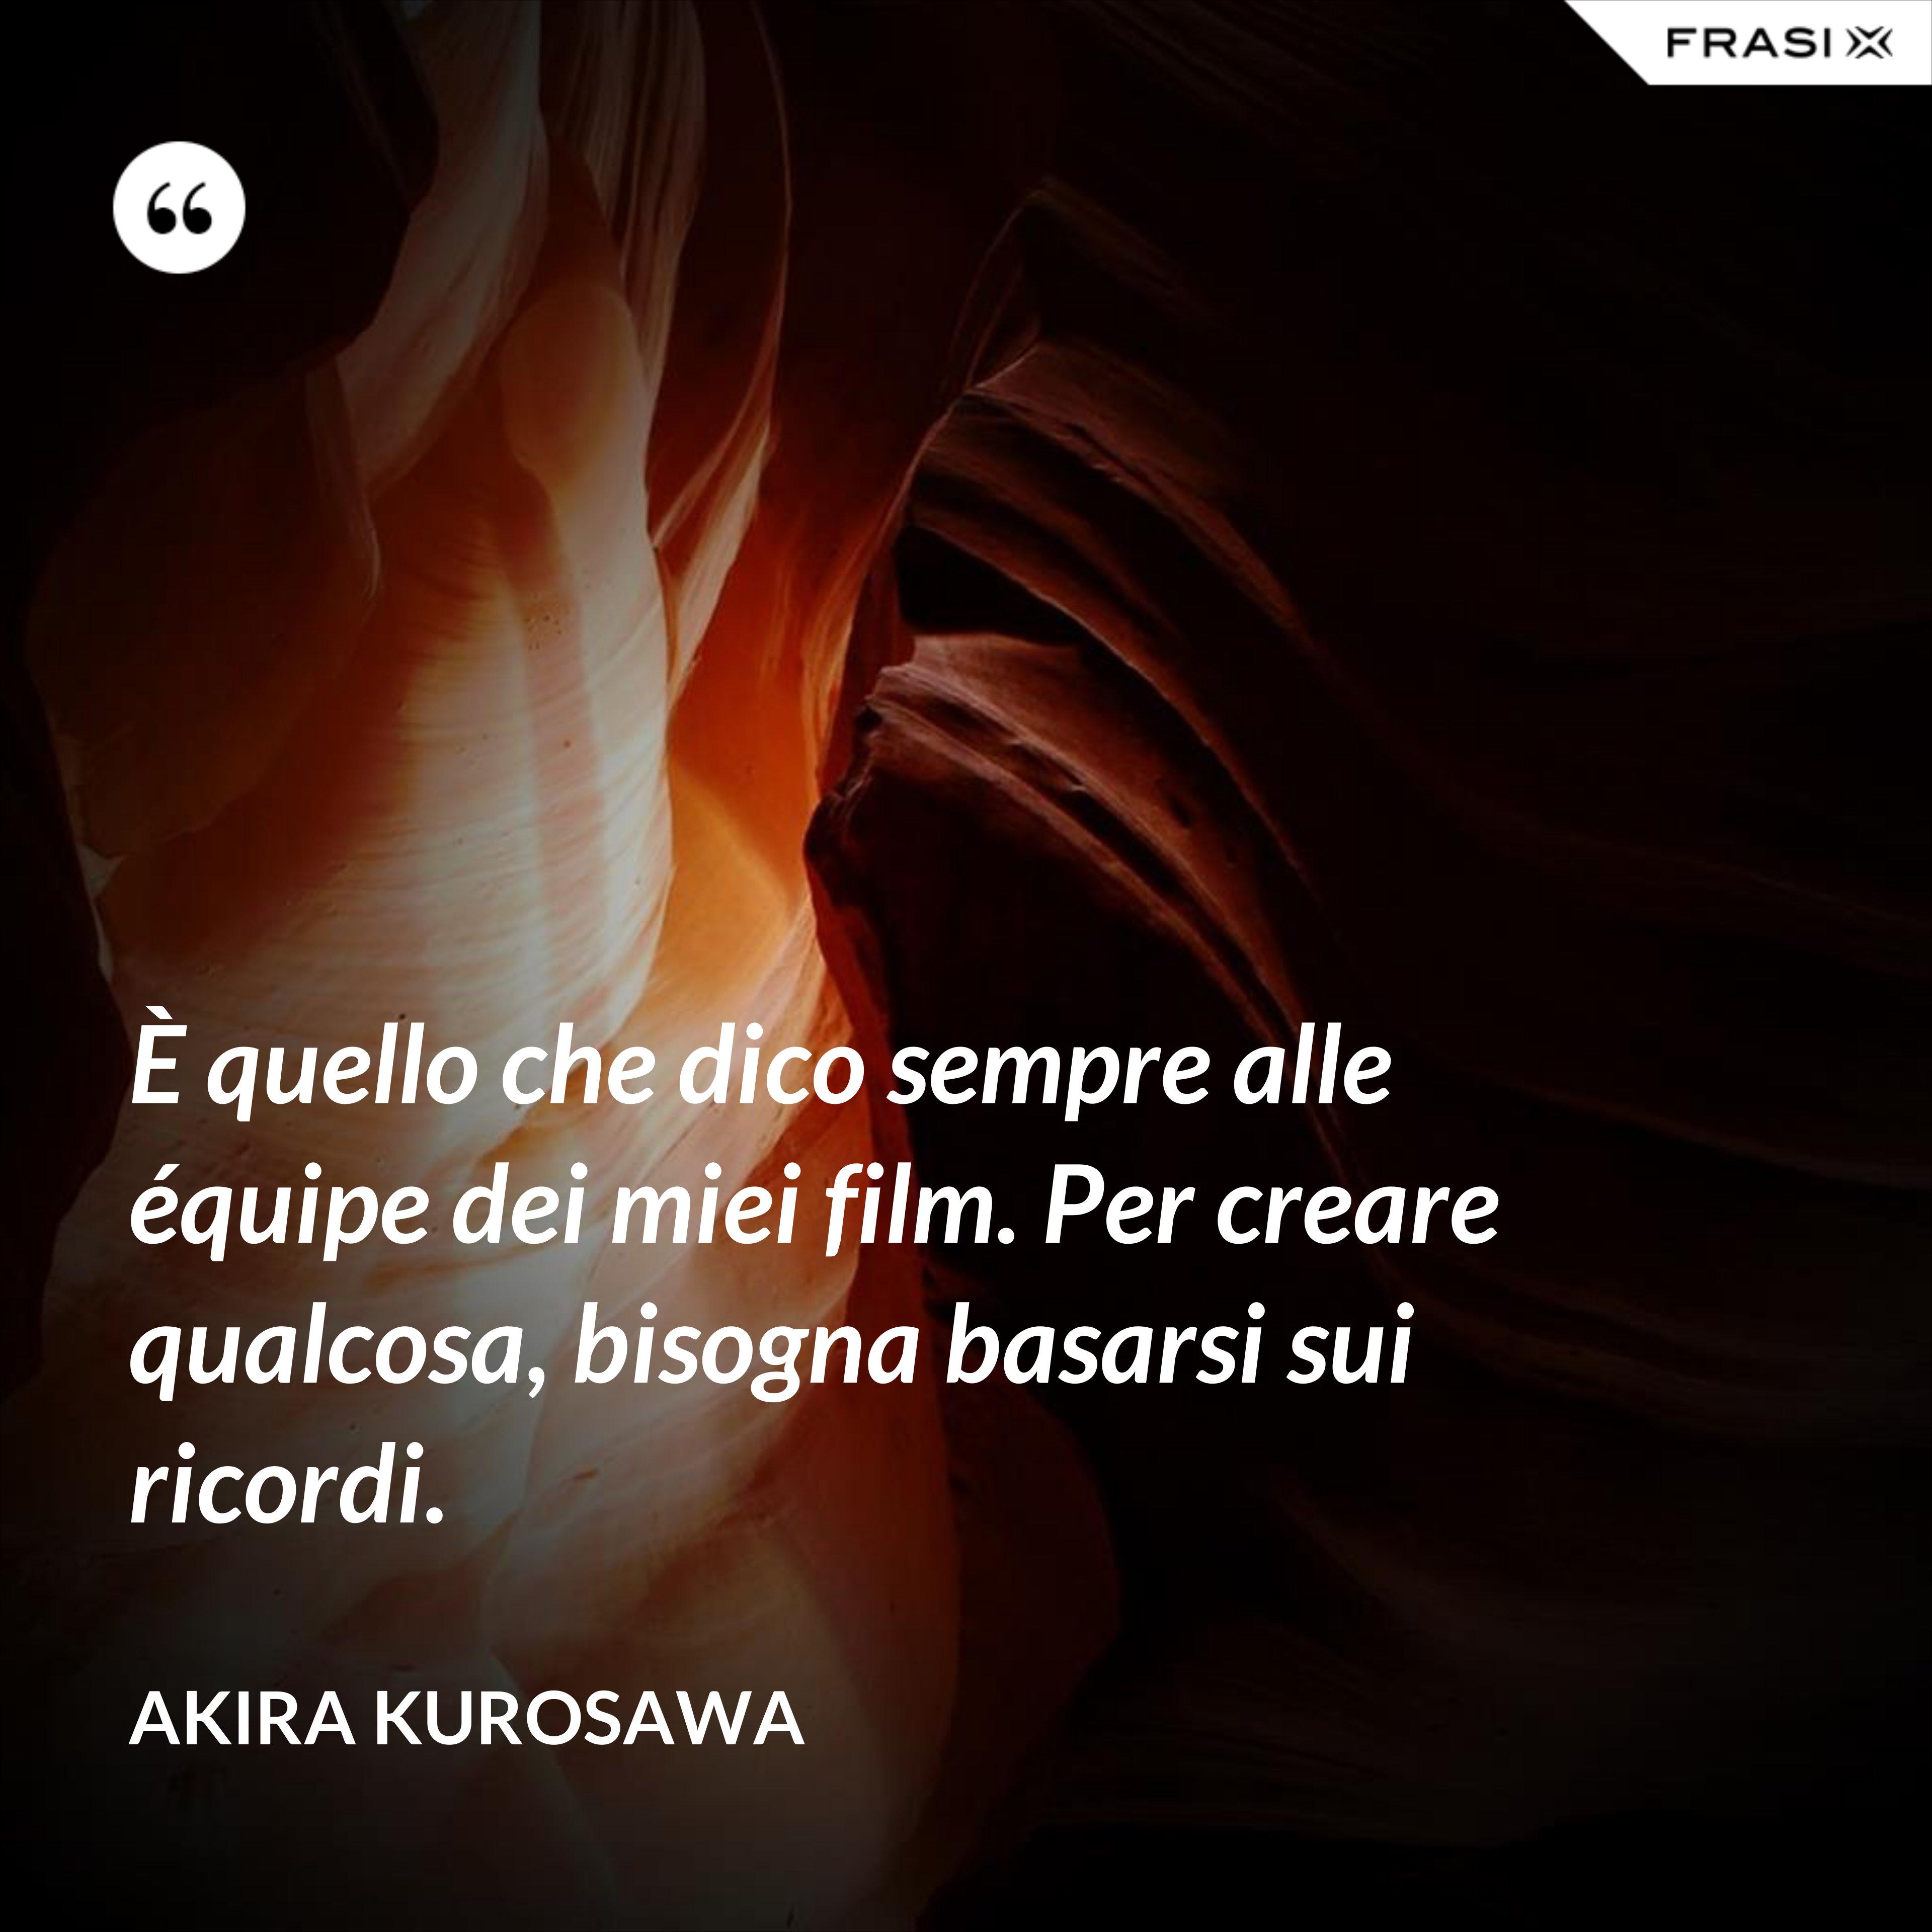 È quello che dico sempre alle équipe dei miei film. Per creare qualcosa, bisogna basarsi sui ricordi. - Akira Kurosawa